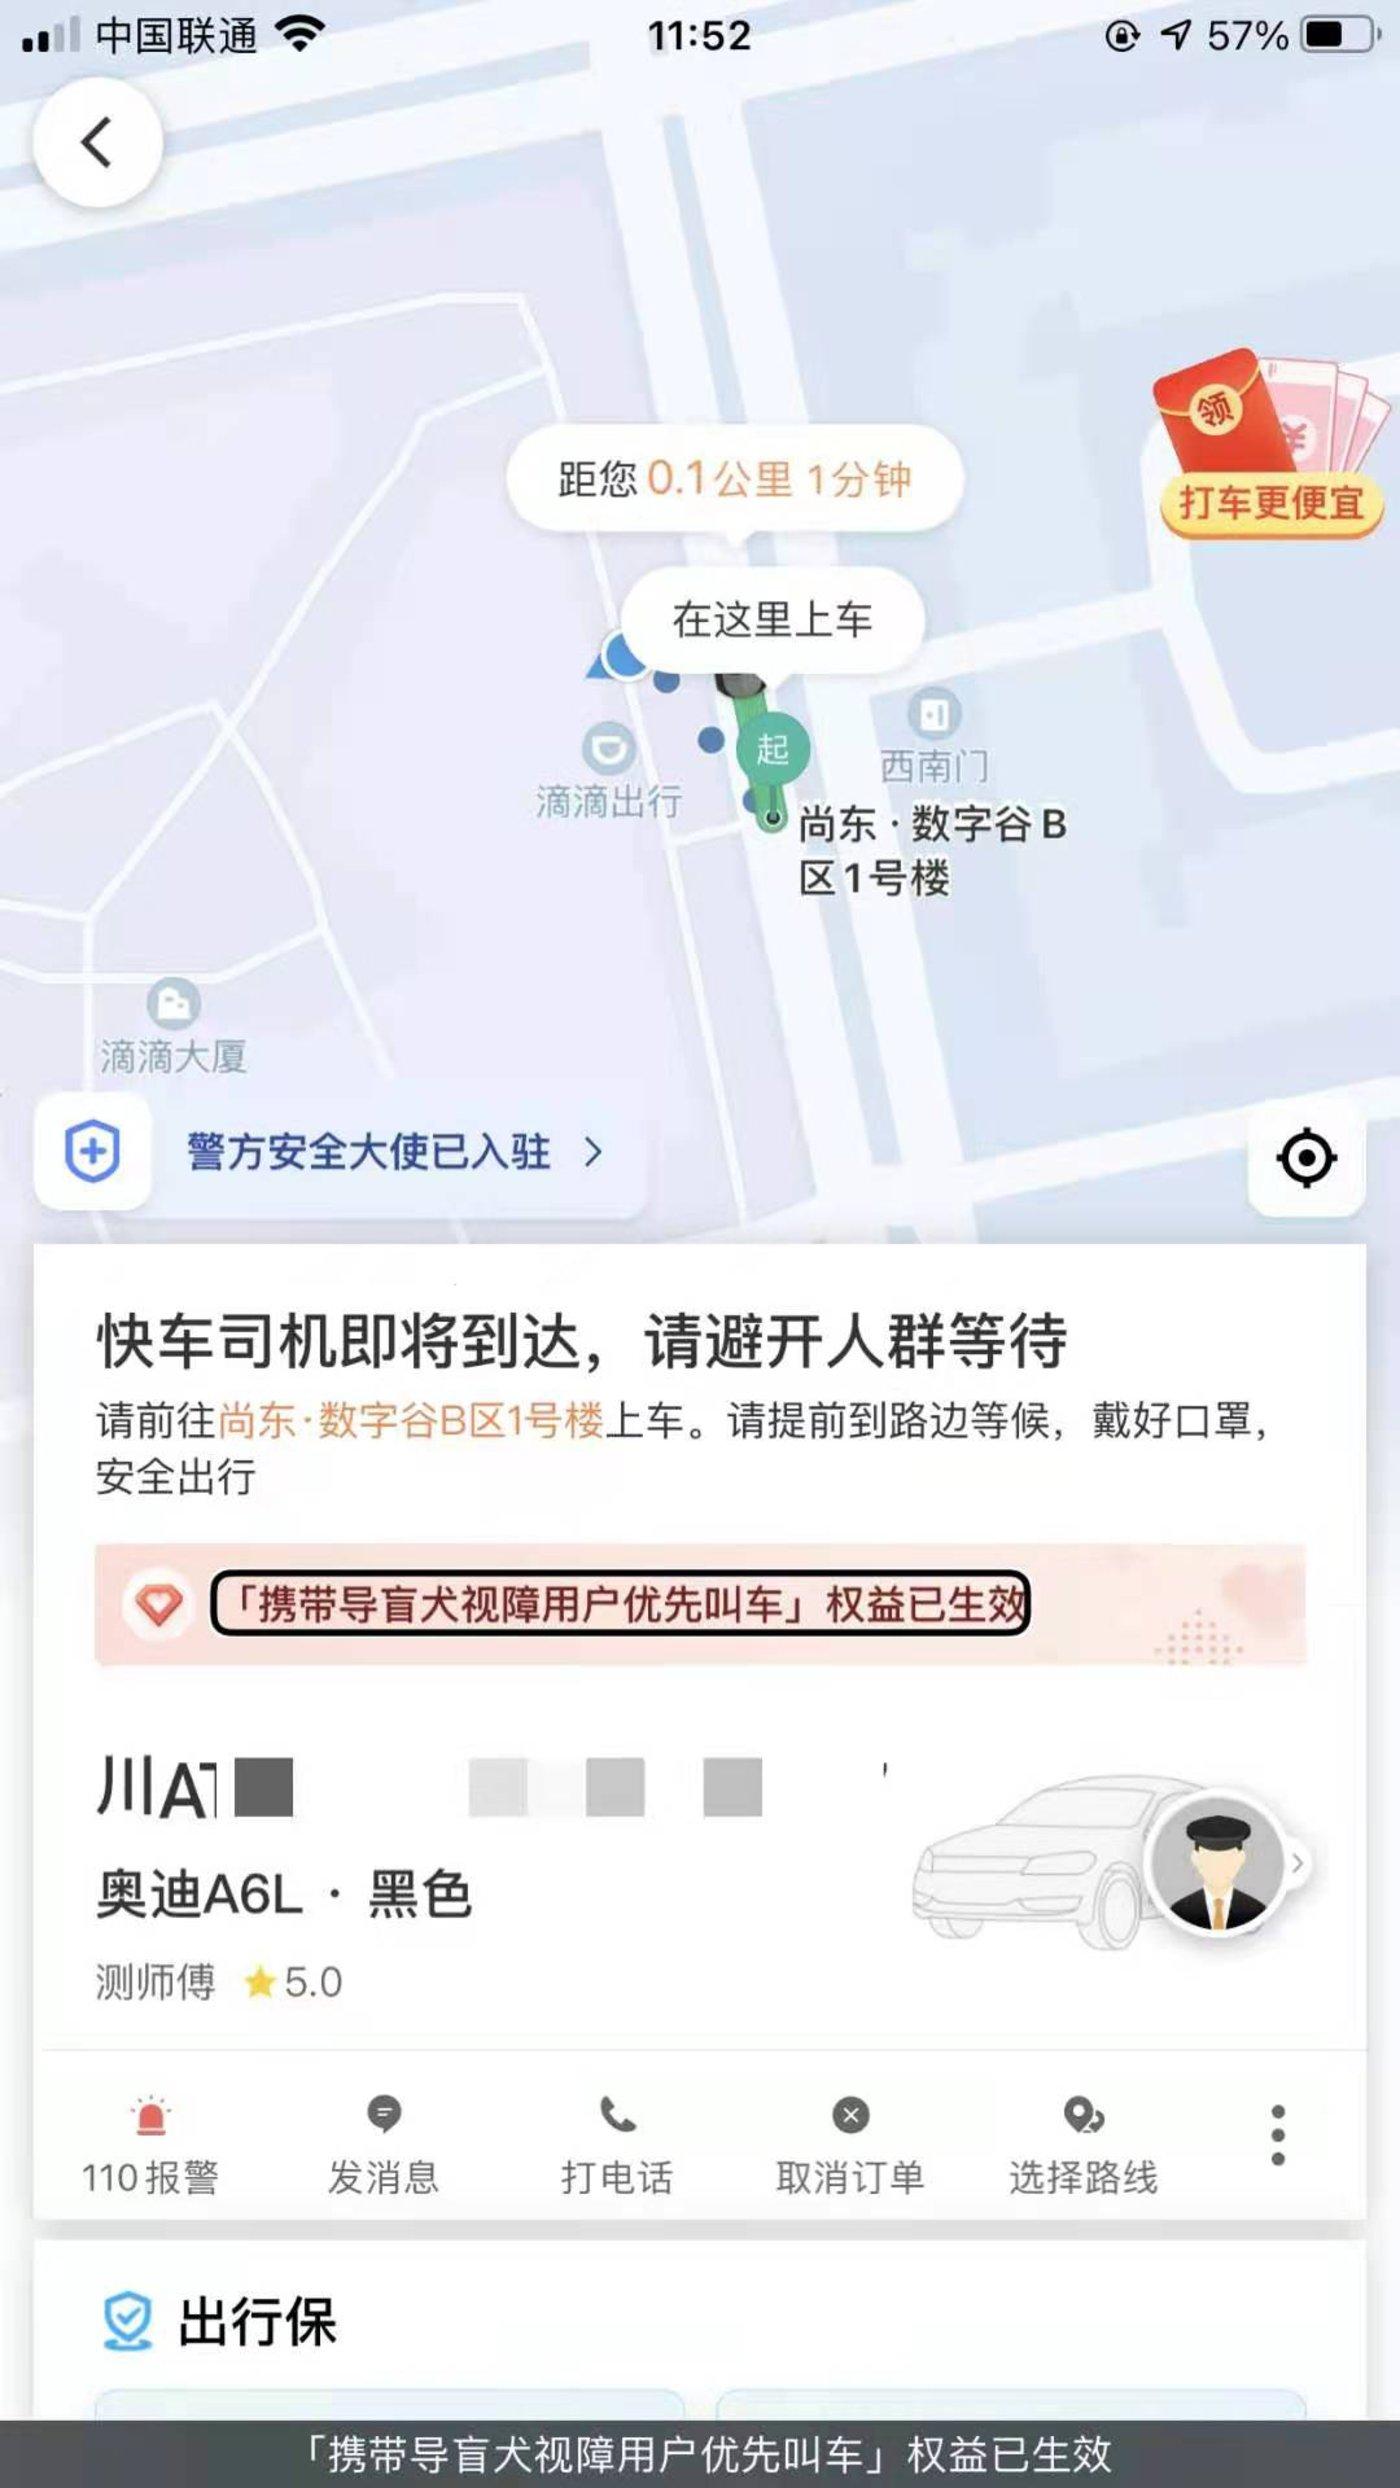 产品功能页面图